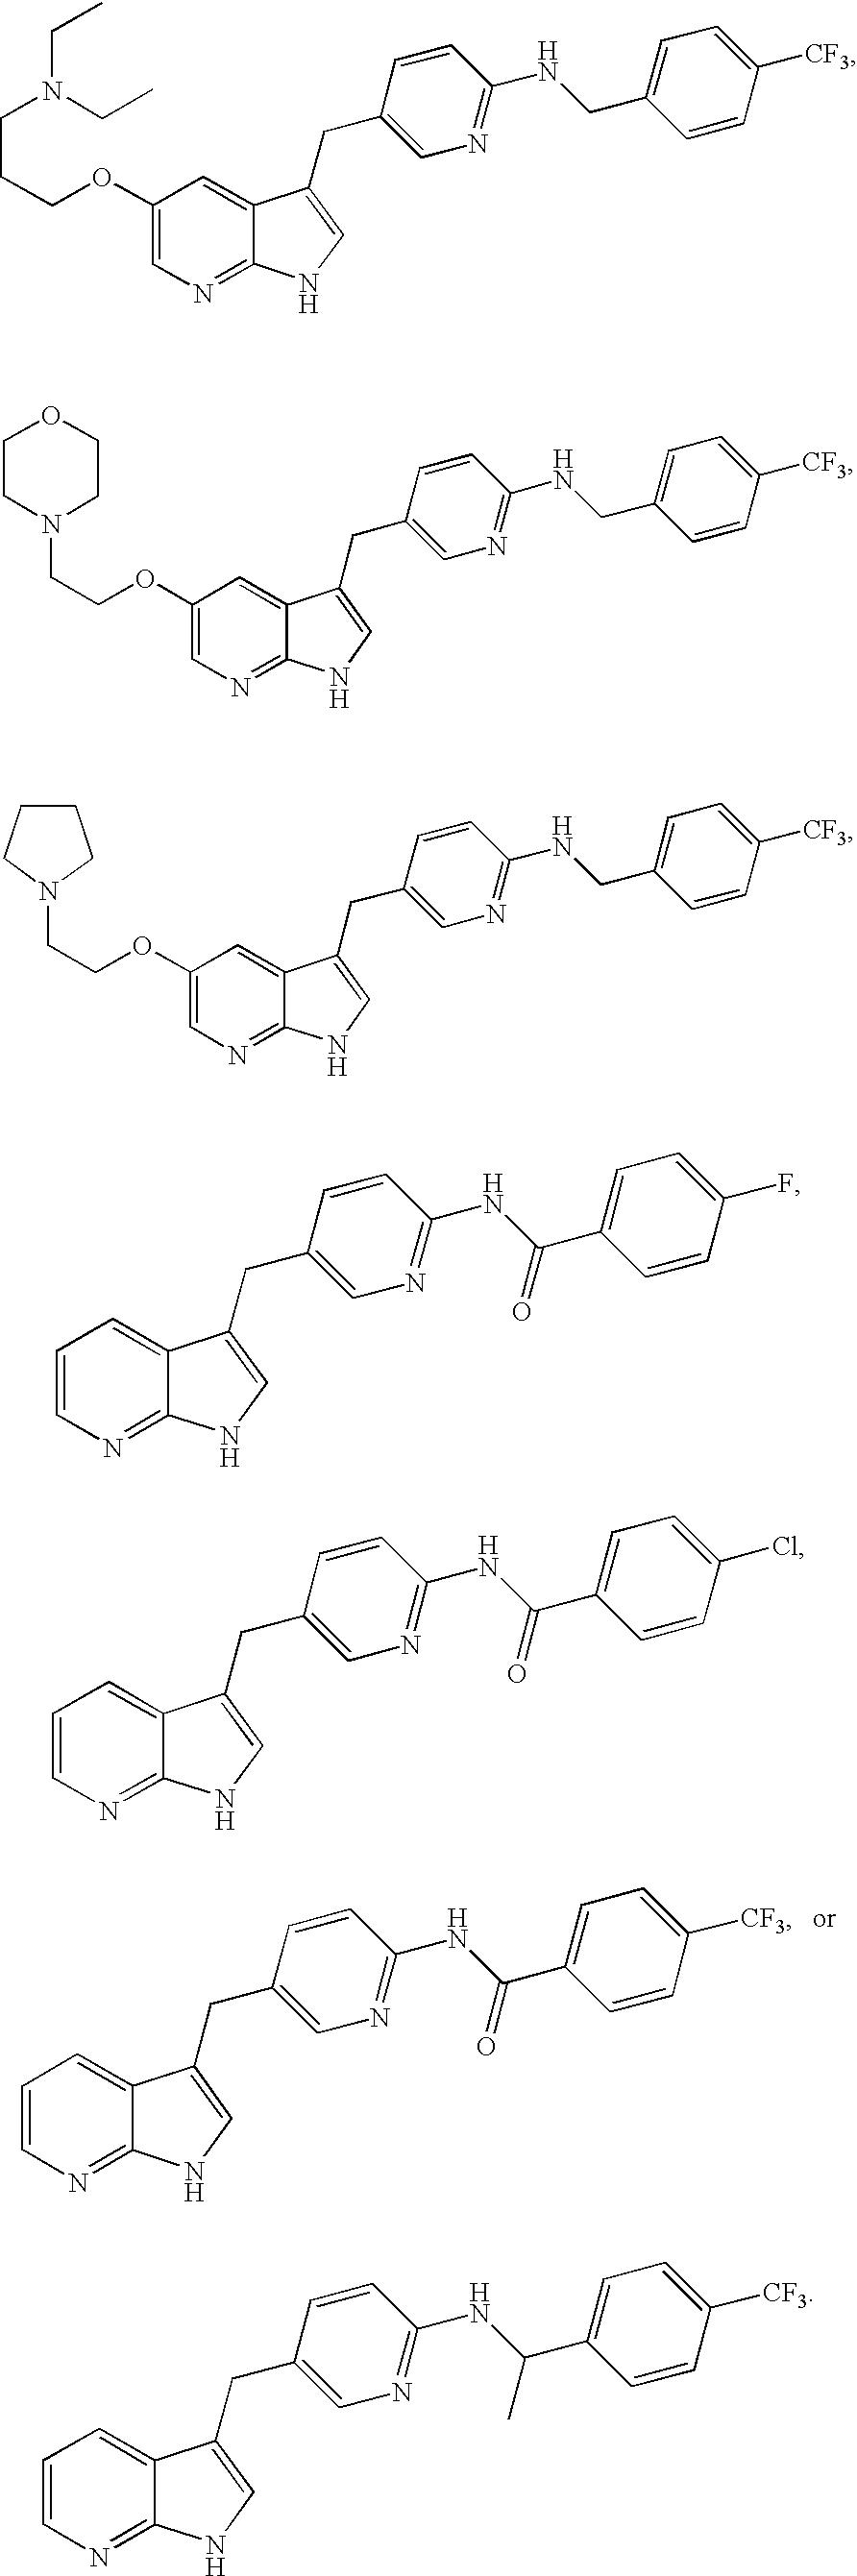 Figure US07893075-20110222-C00045